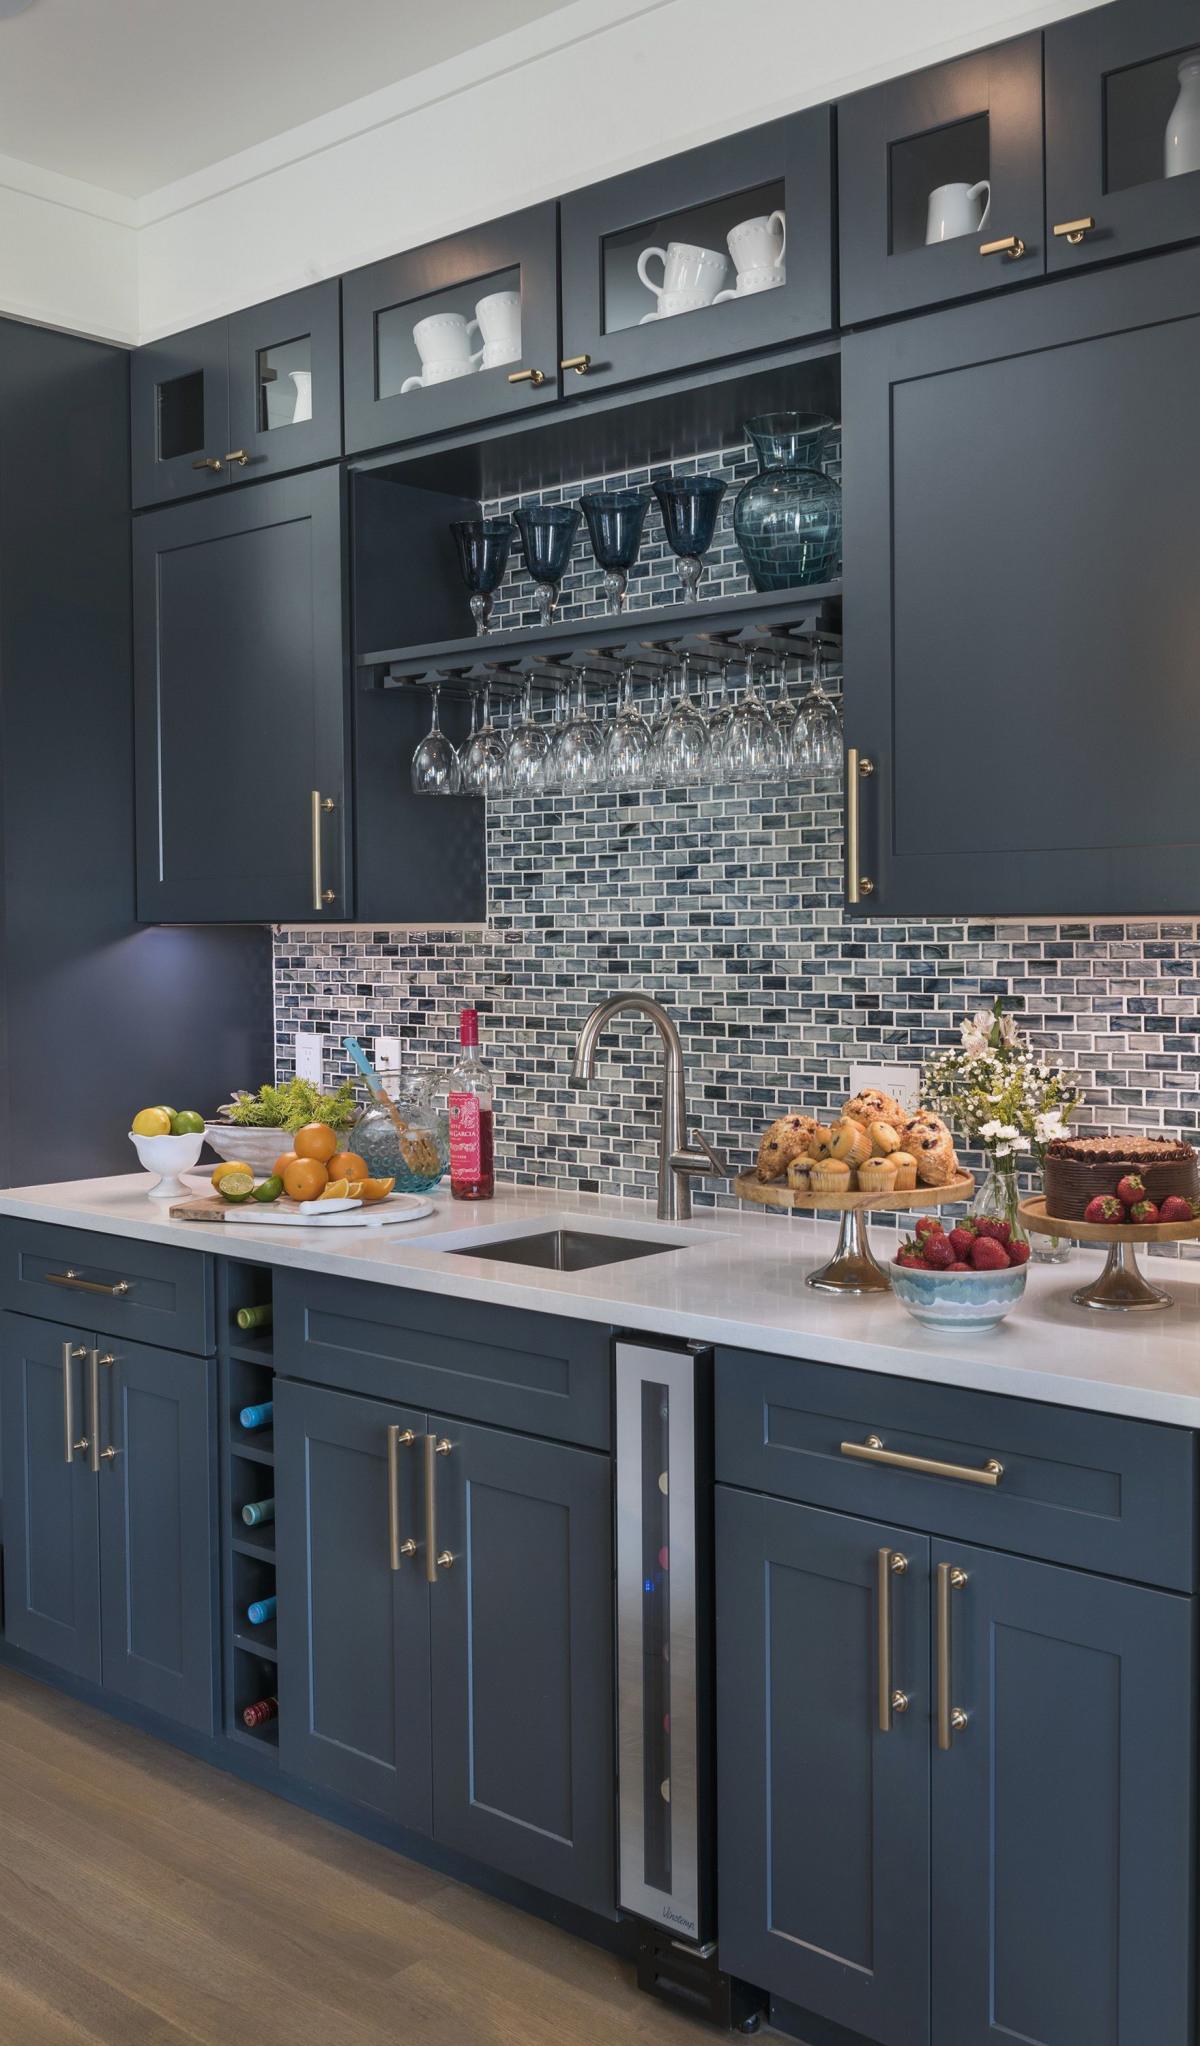 Cuisine Chalet Rustique Meilleur De Stock Renovation Cuisines Rustiques Inspirational Home Staging Cuisine